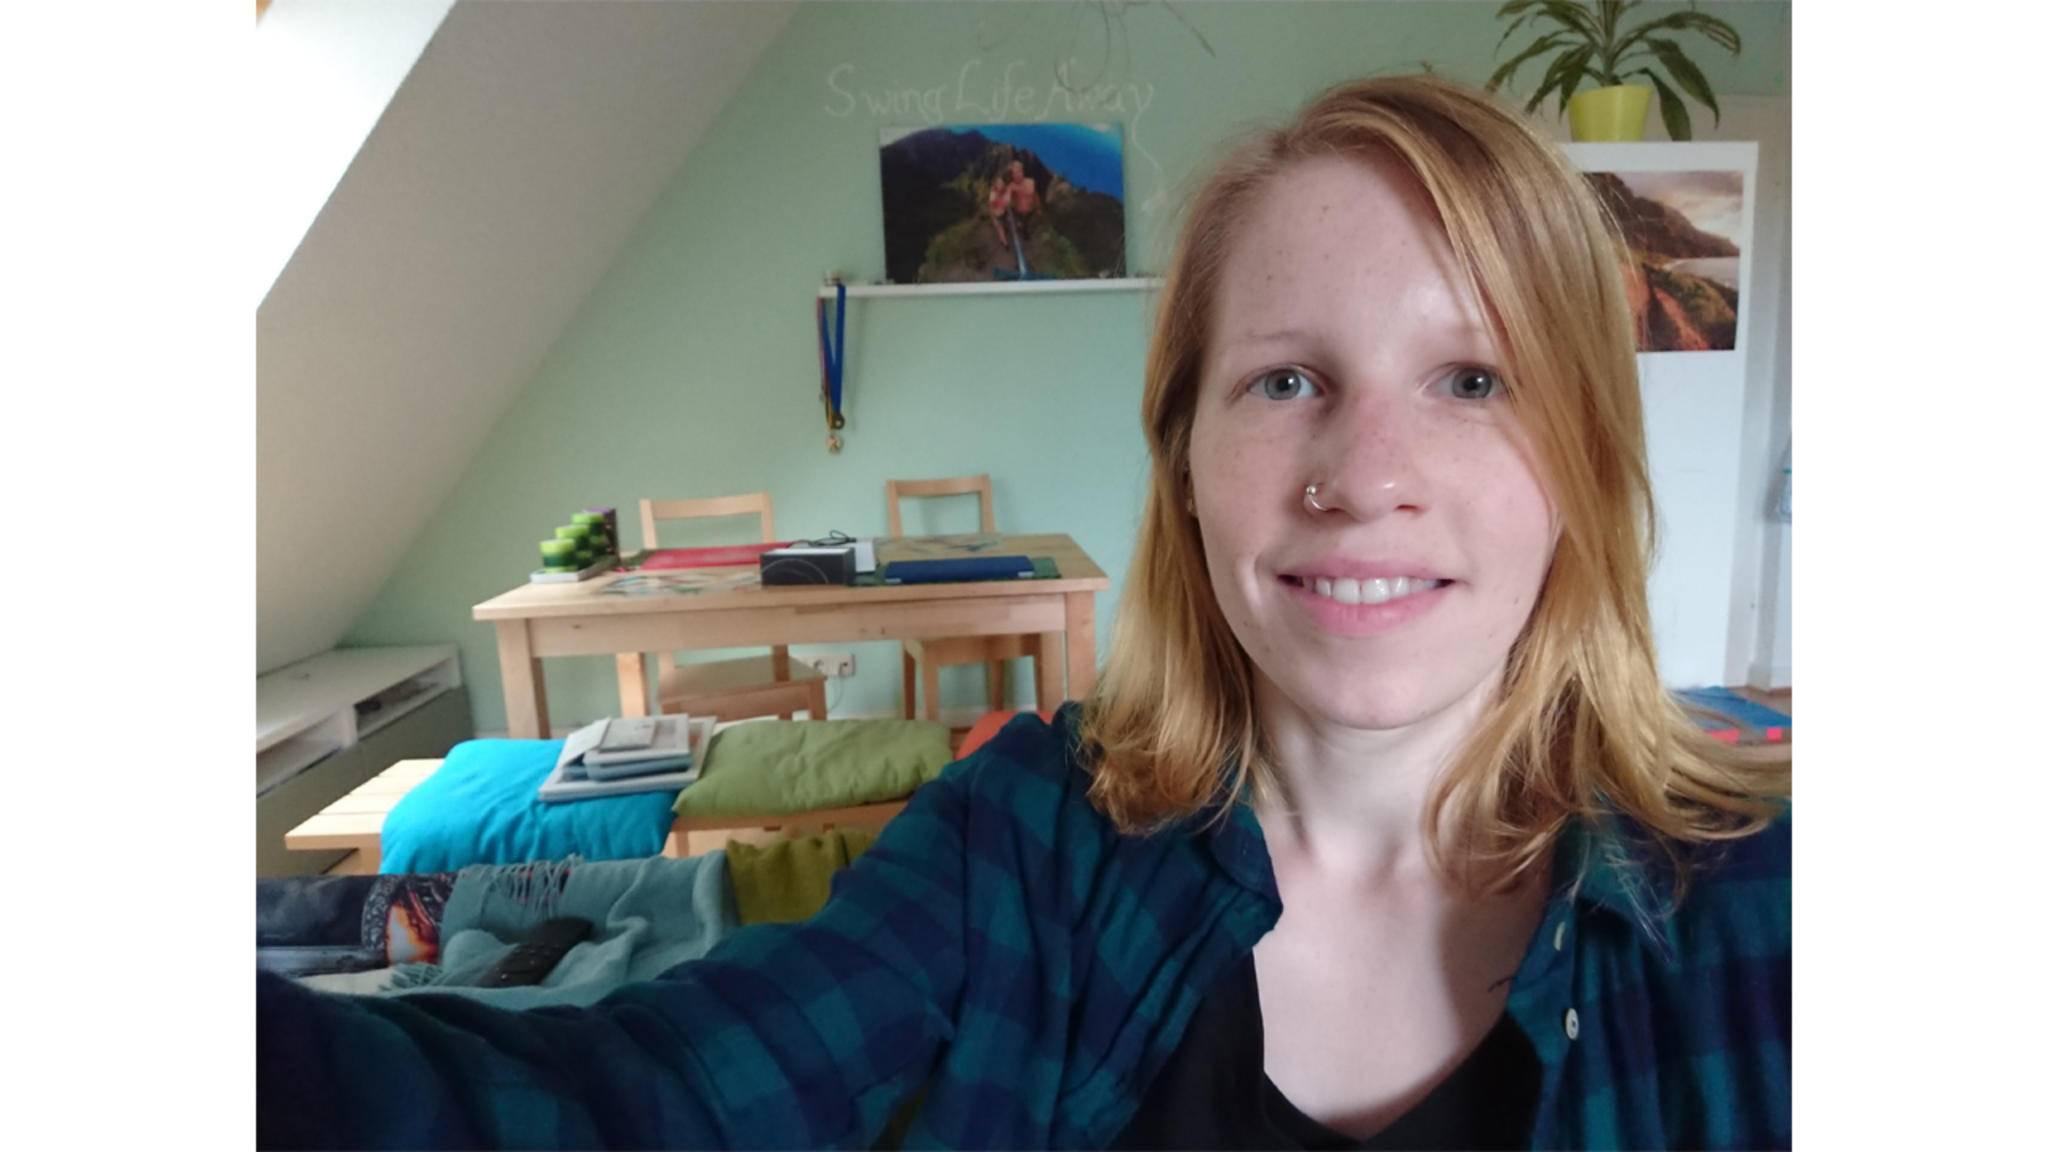 Die 13-MP-Frontcam ist beim Chrome-Modell quasi überflüssig, da man die Spiegel-Rückseite als Selfie-Vorschau nutzen kann.